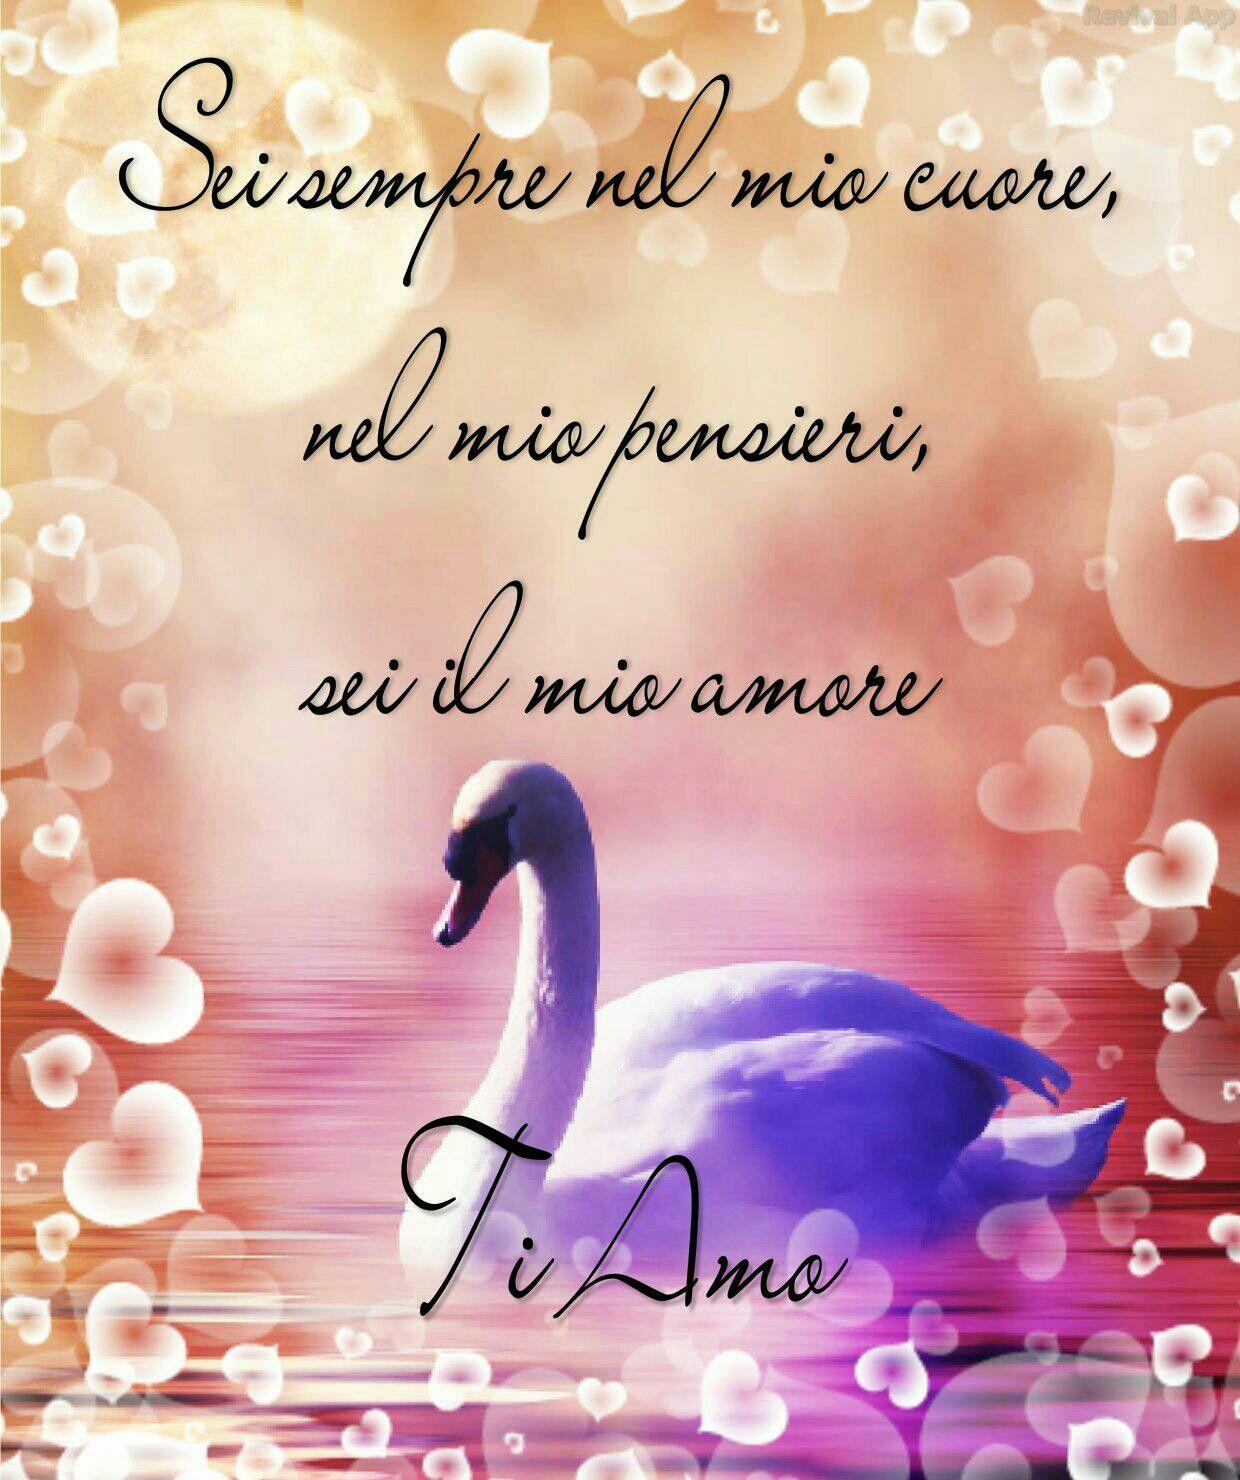 Ti Amo Roma Ti Amo Immagini Amo Immagini Roma Ti Ti Amo Amore